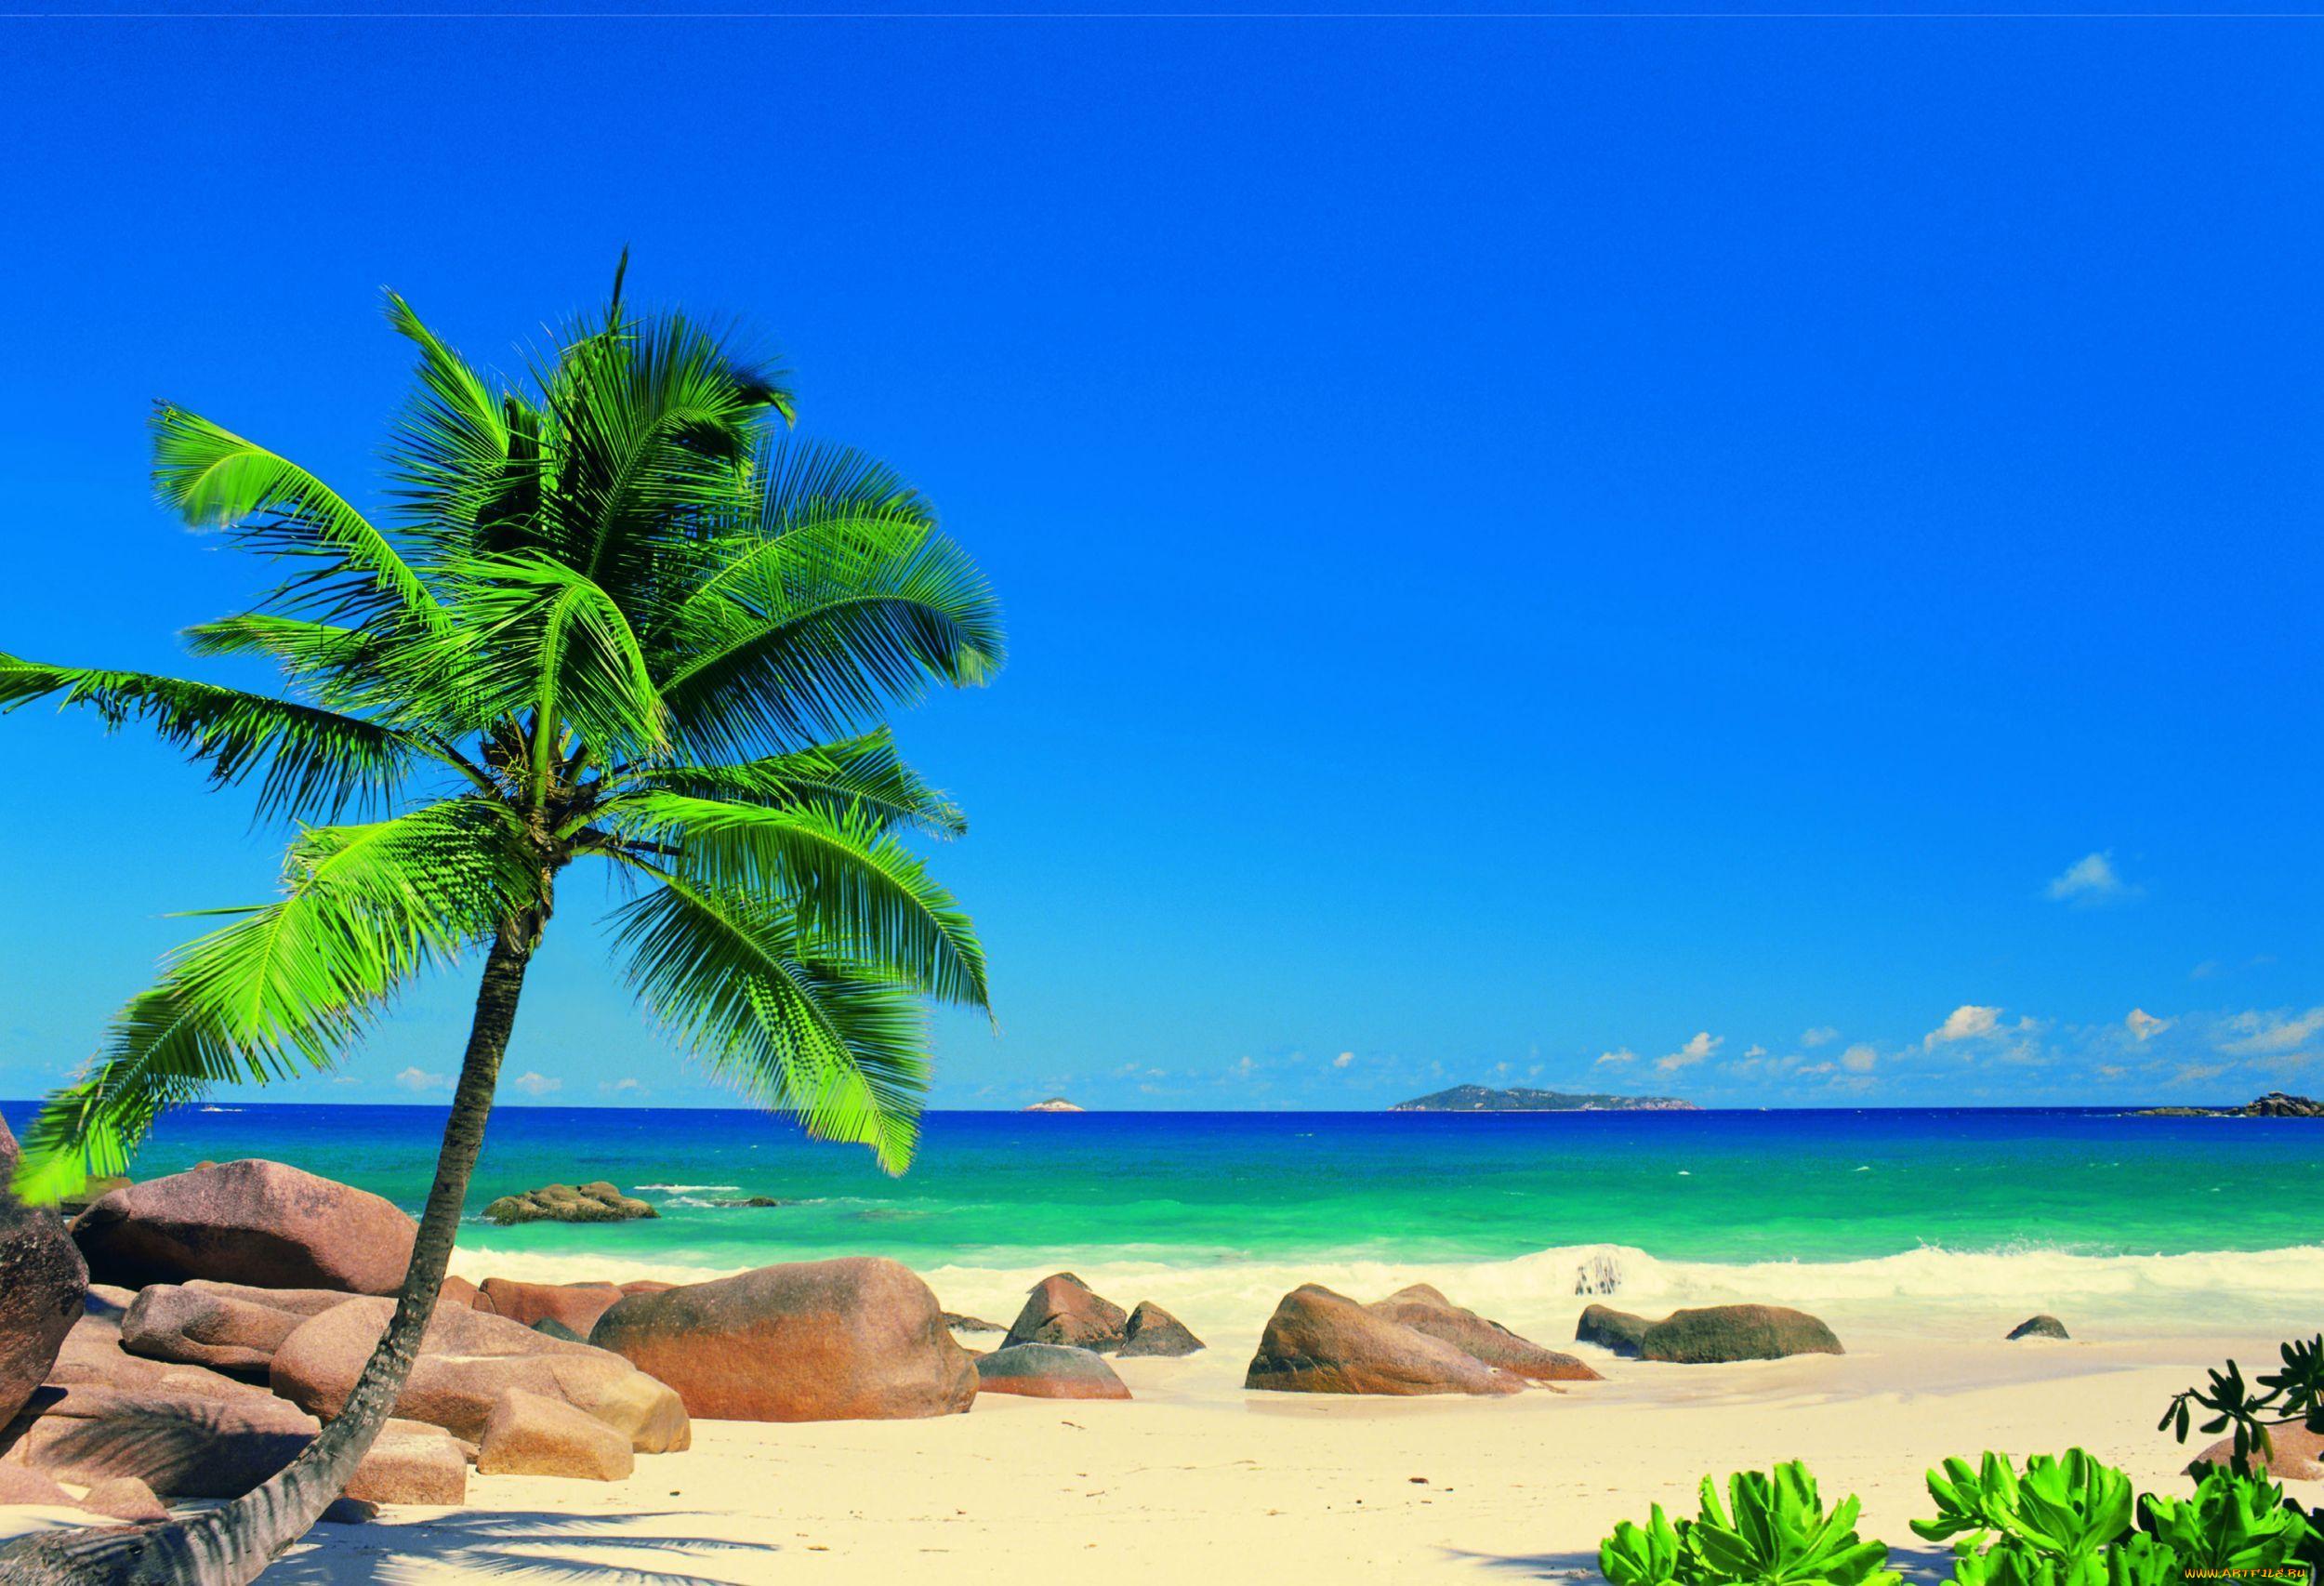 Картинки пляжей райских